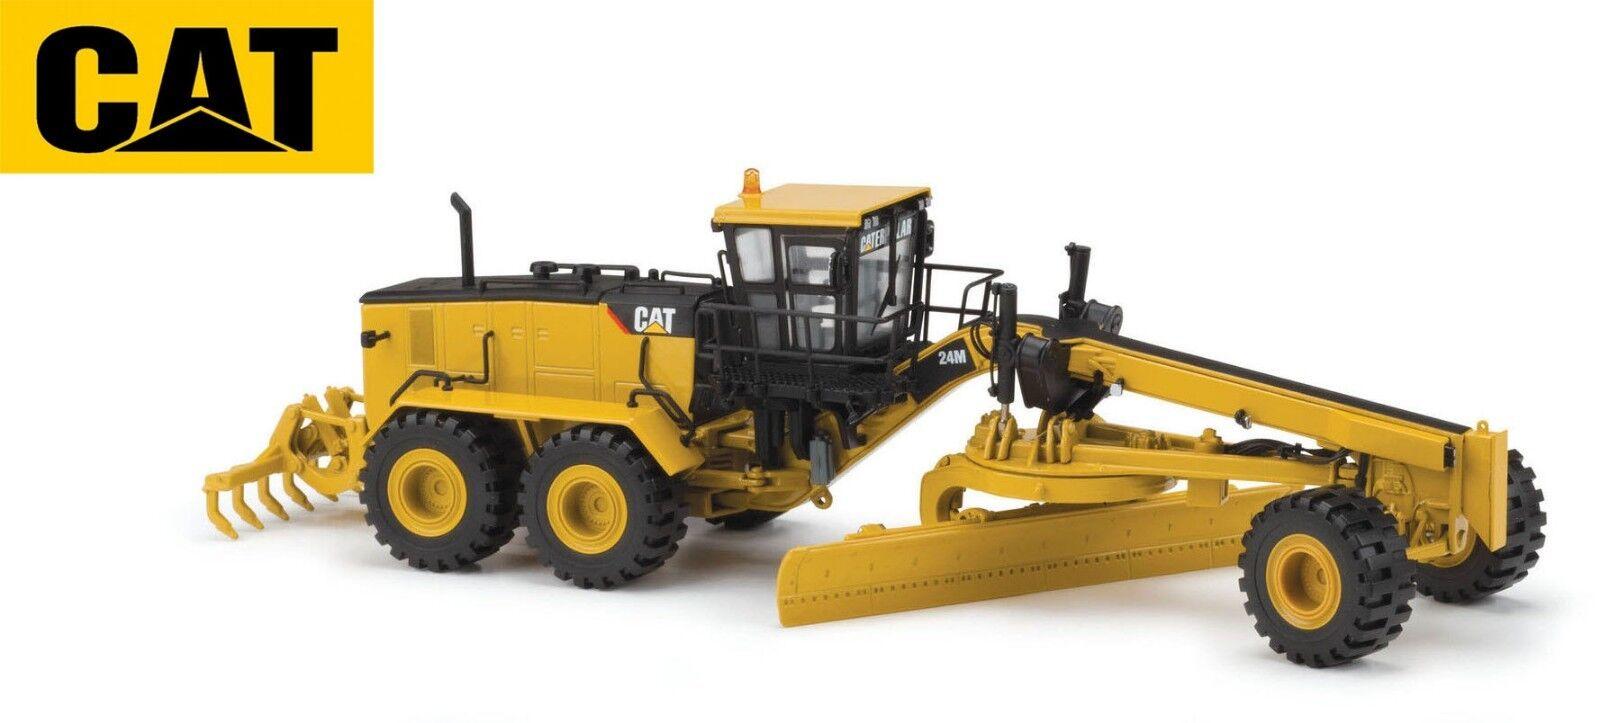 Norscot 55264 Catlarver 24M Motor kvalitetr tärningskast 1 50 -skala leksak